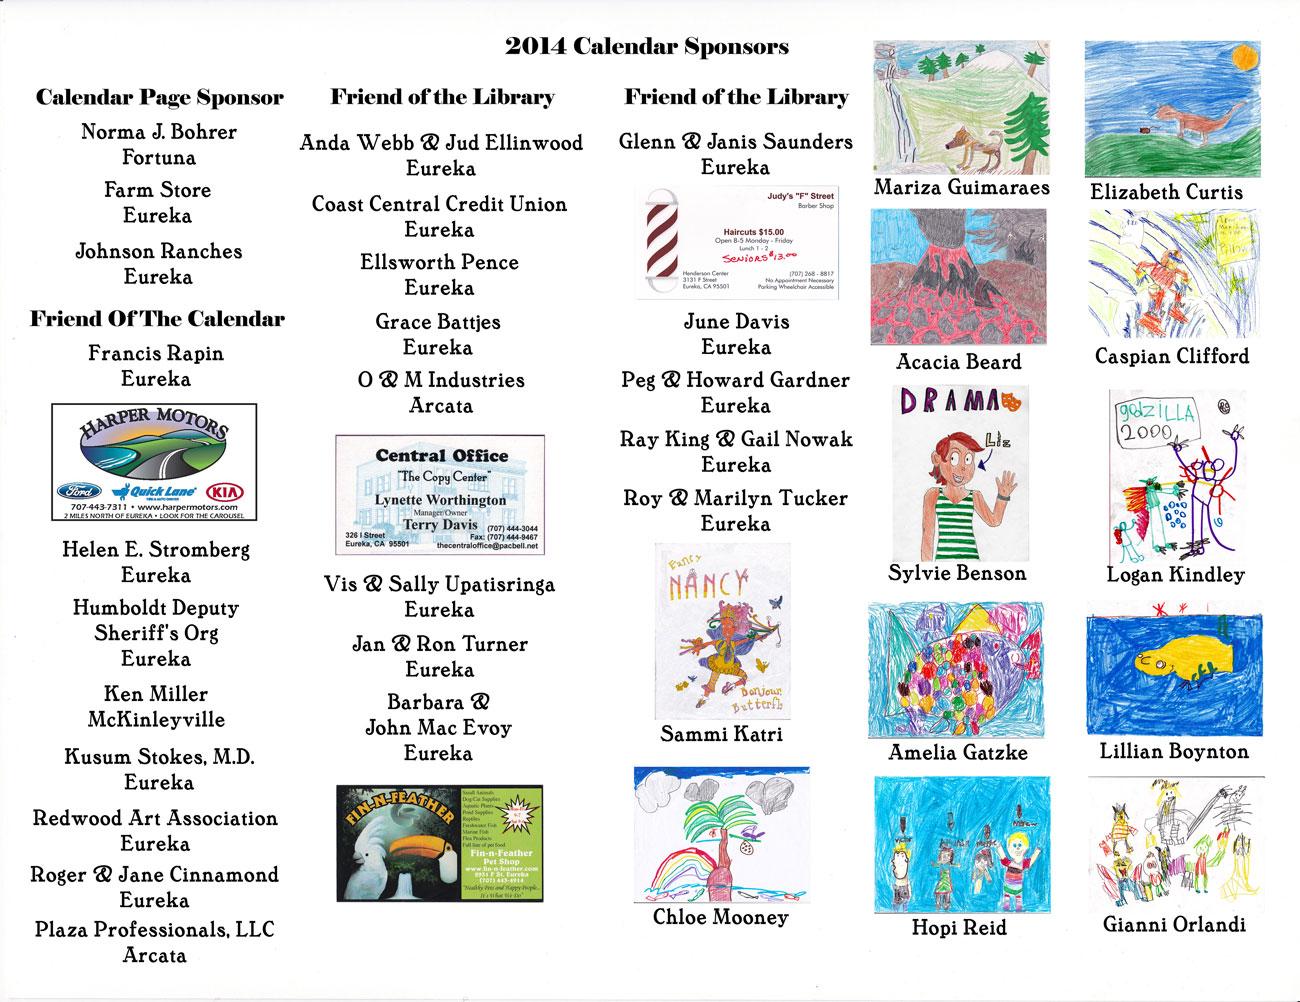 2014 Art Calendar Sponsors